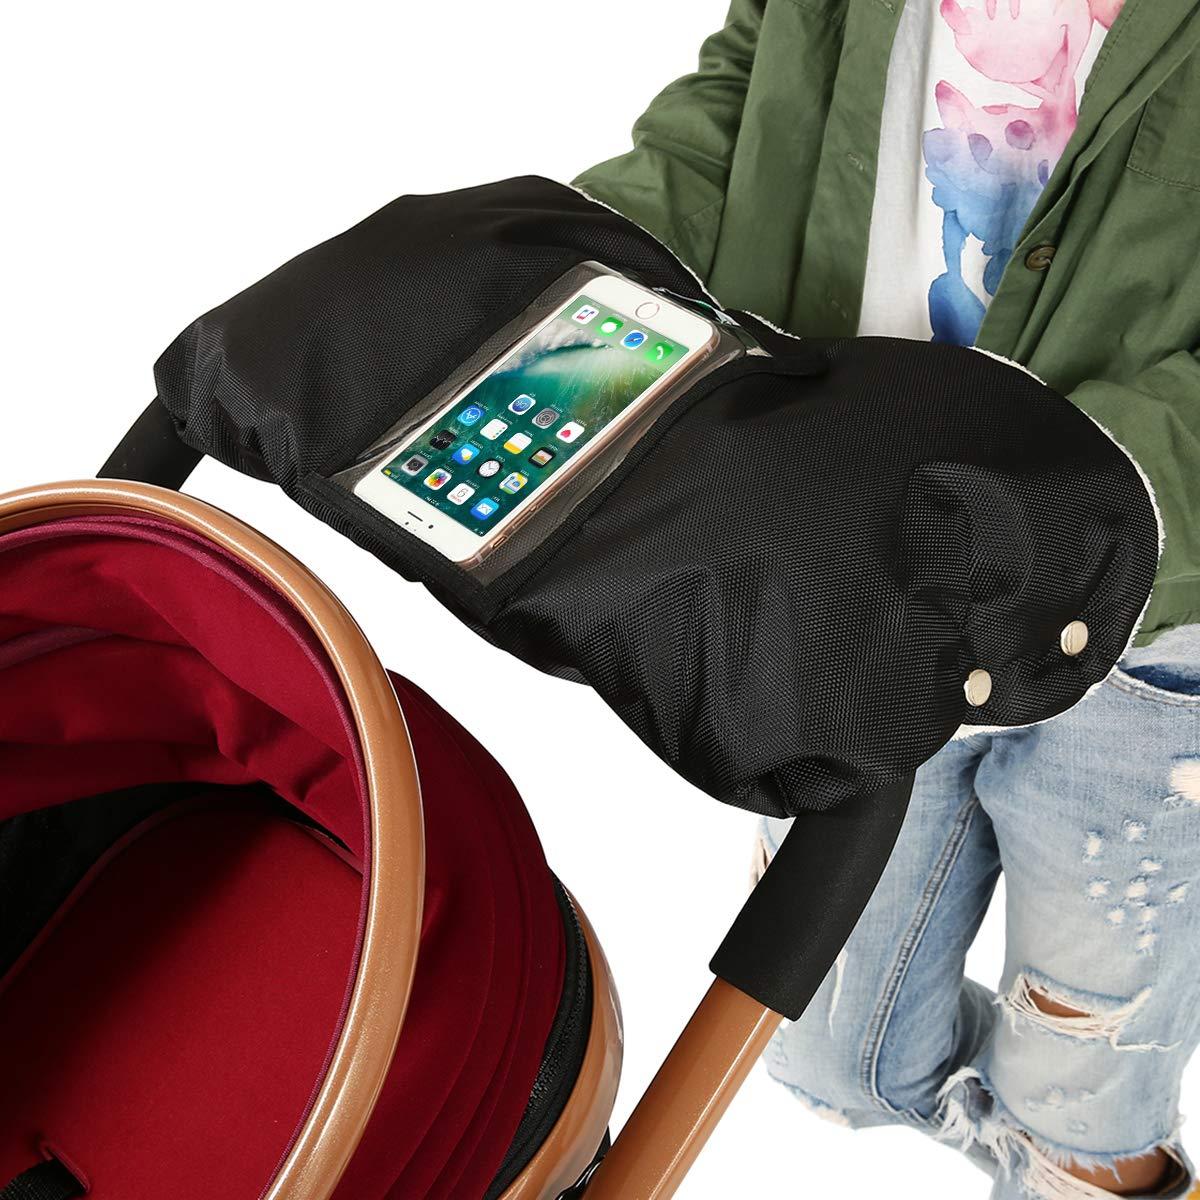 Guantes de cochecito, MIGICSHOW Winter protege guantes de manos calientes